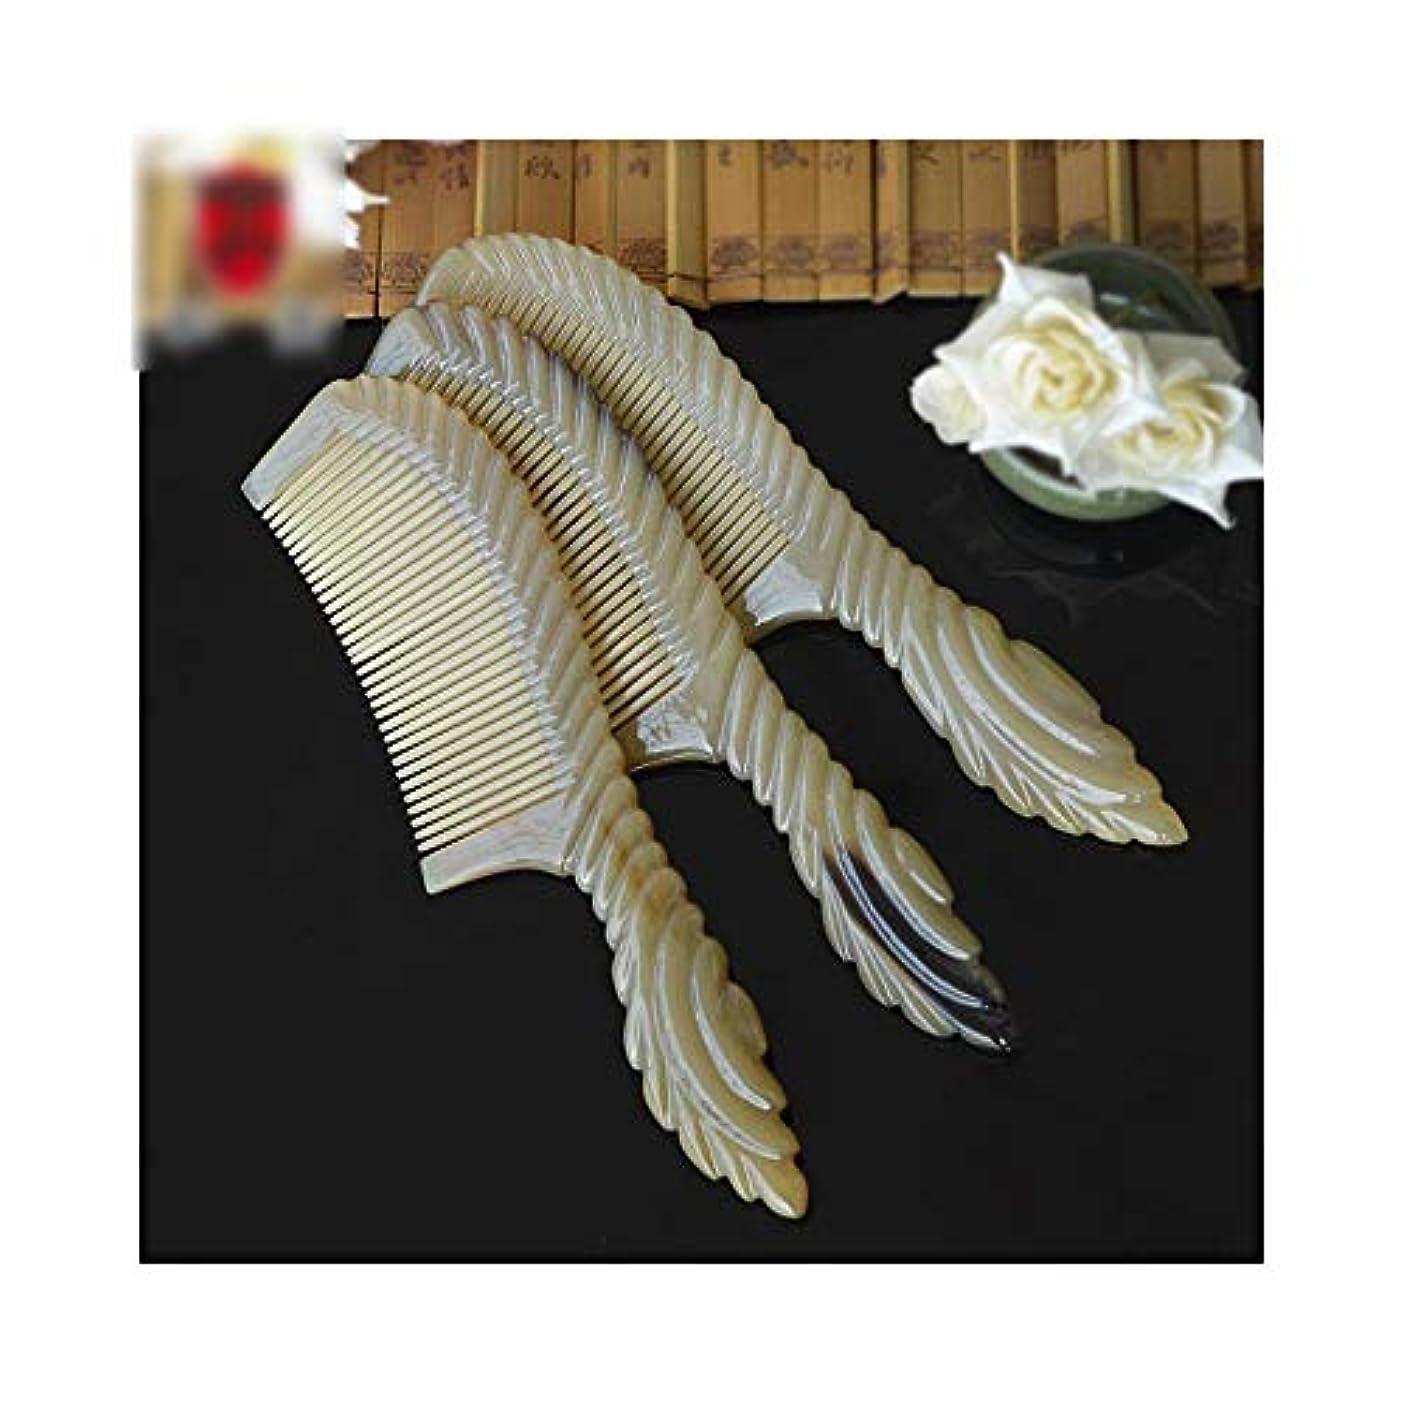 災害所有者ゼロZYDP 帯電防止毛の櫛の女性のための自然な水牛の角の櫛の良い歯の櫛 (色 : 7087)